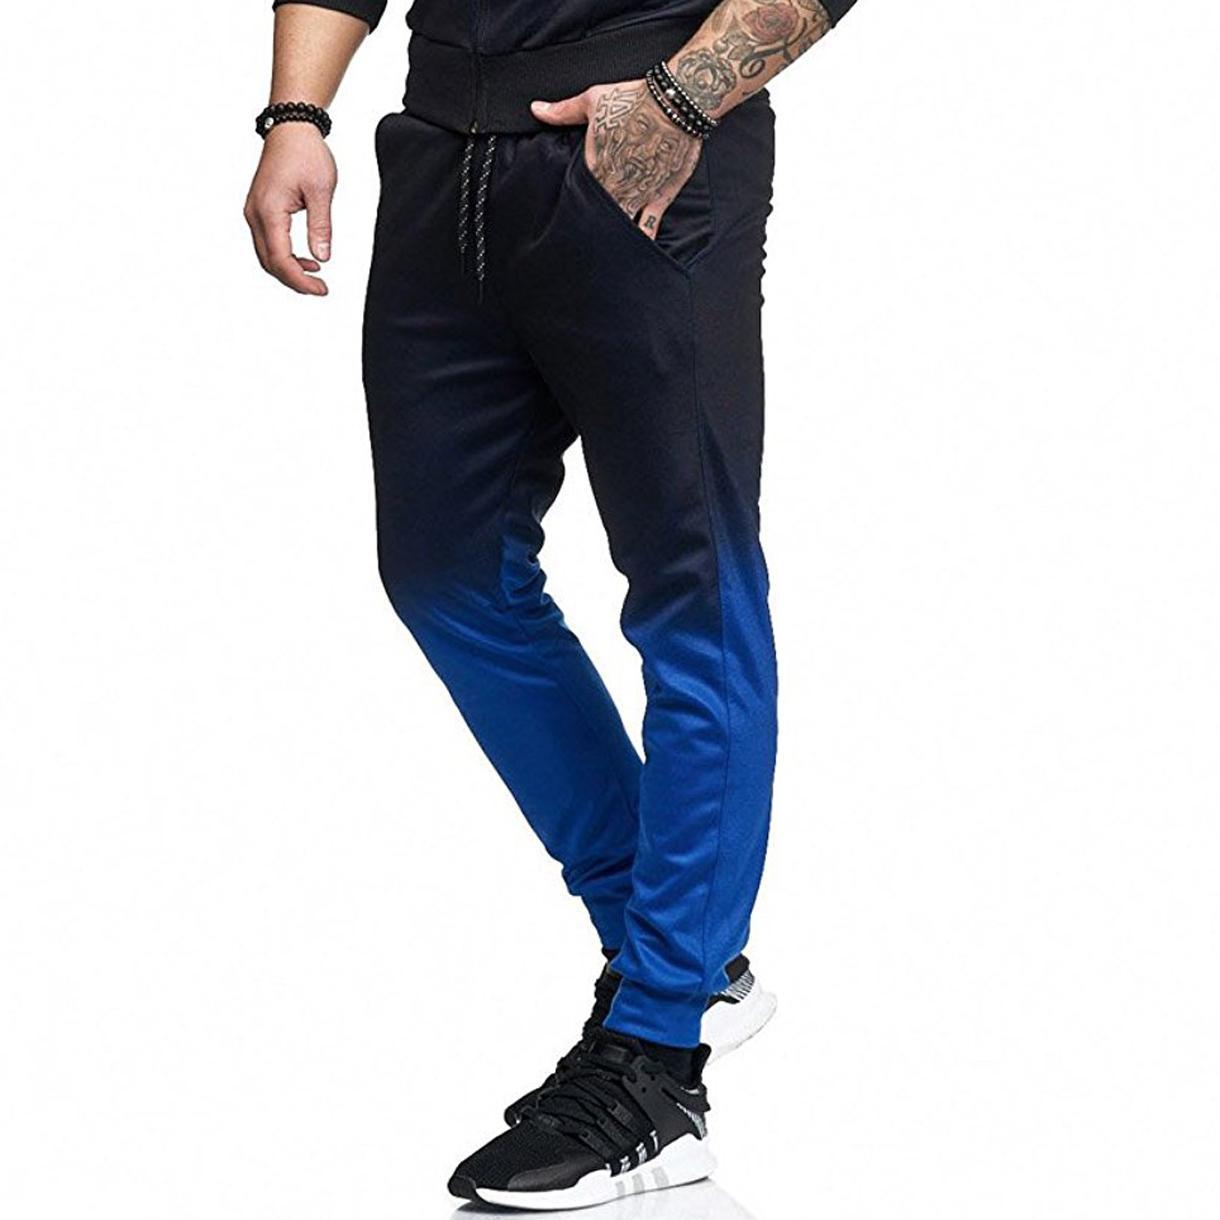 Rahat Donatılmış Eşofman Altları erkek spor pantolon moda stil degrade 3D baskı spor pantolon erkek sonbahar pantolon